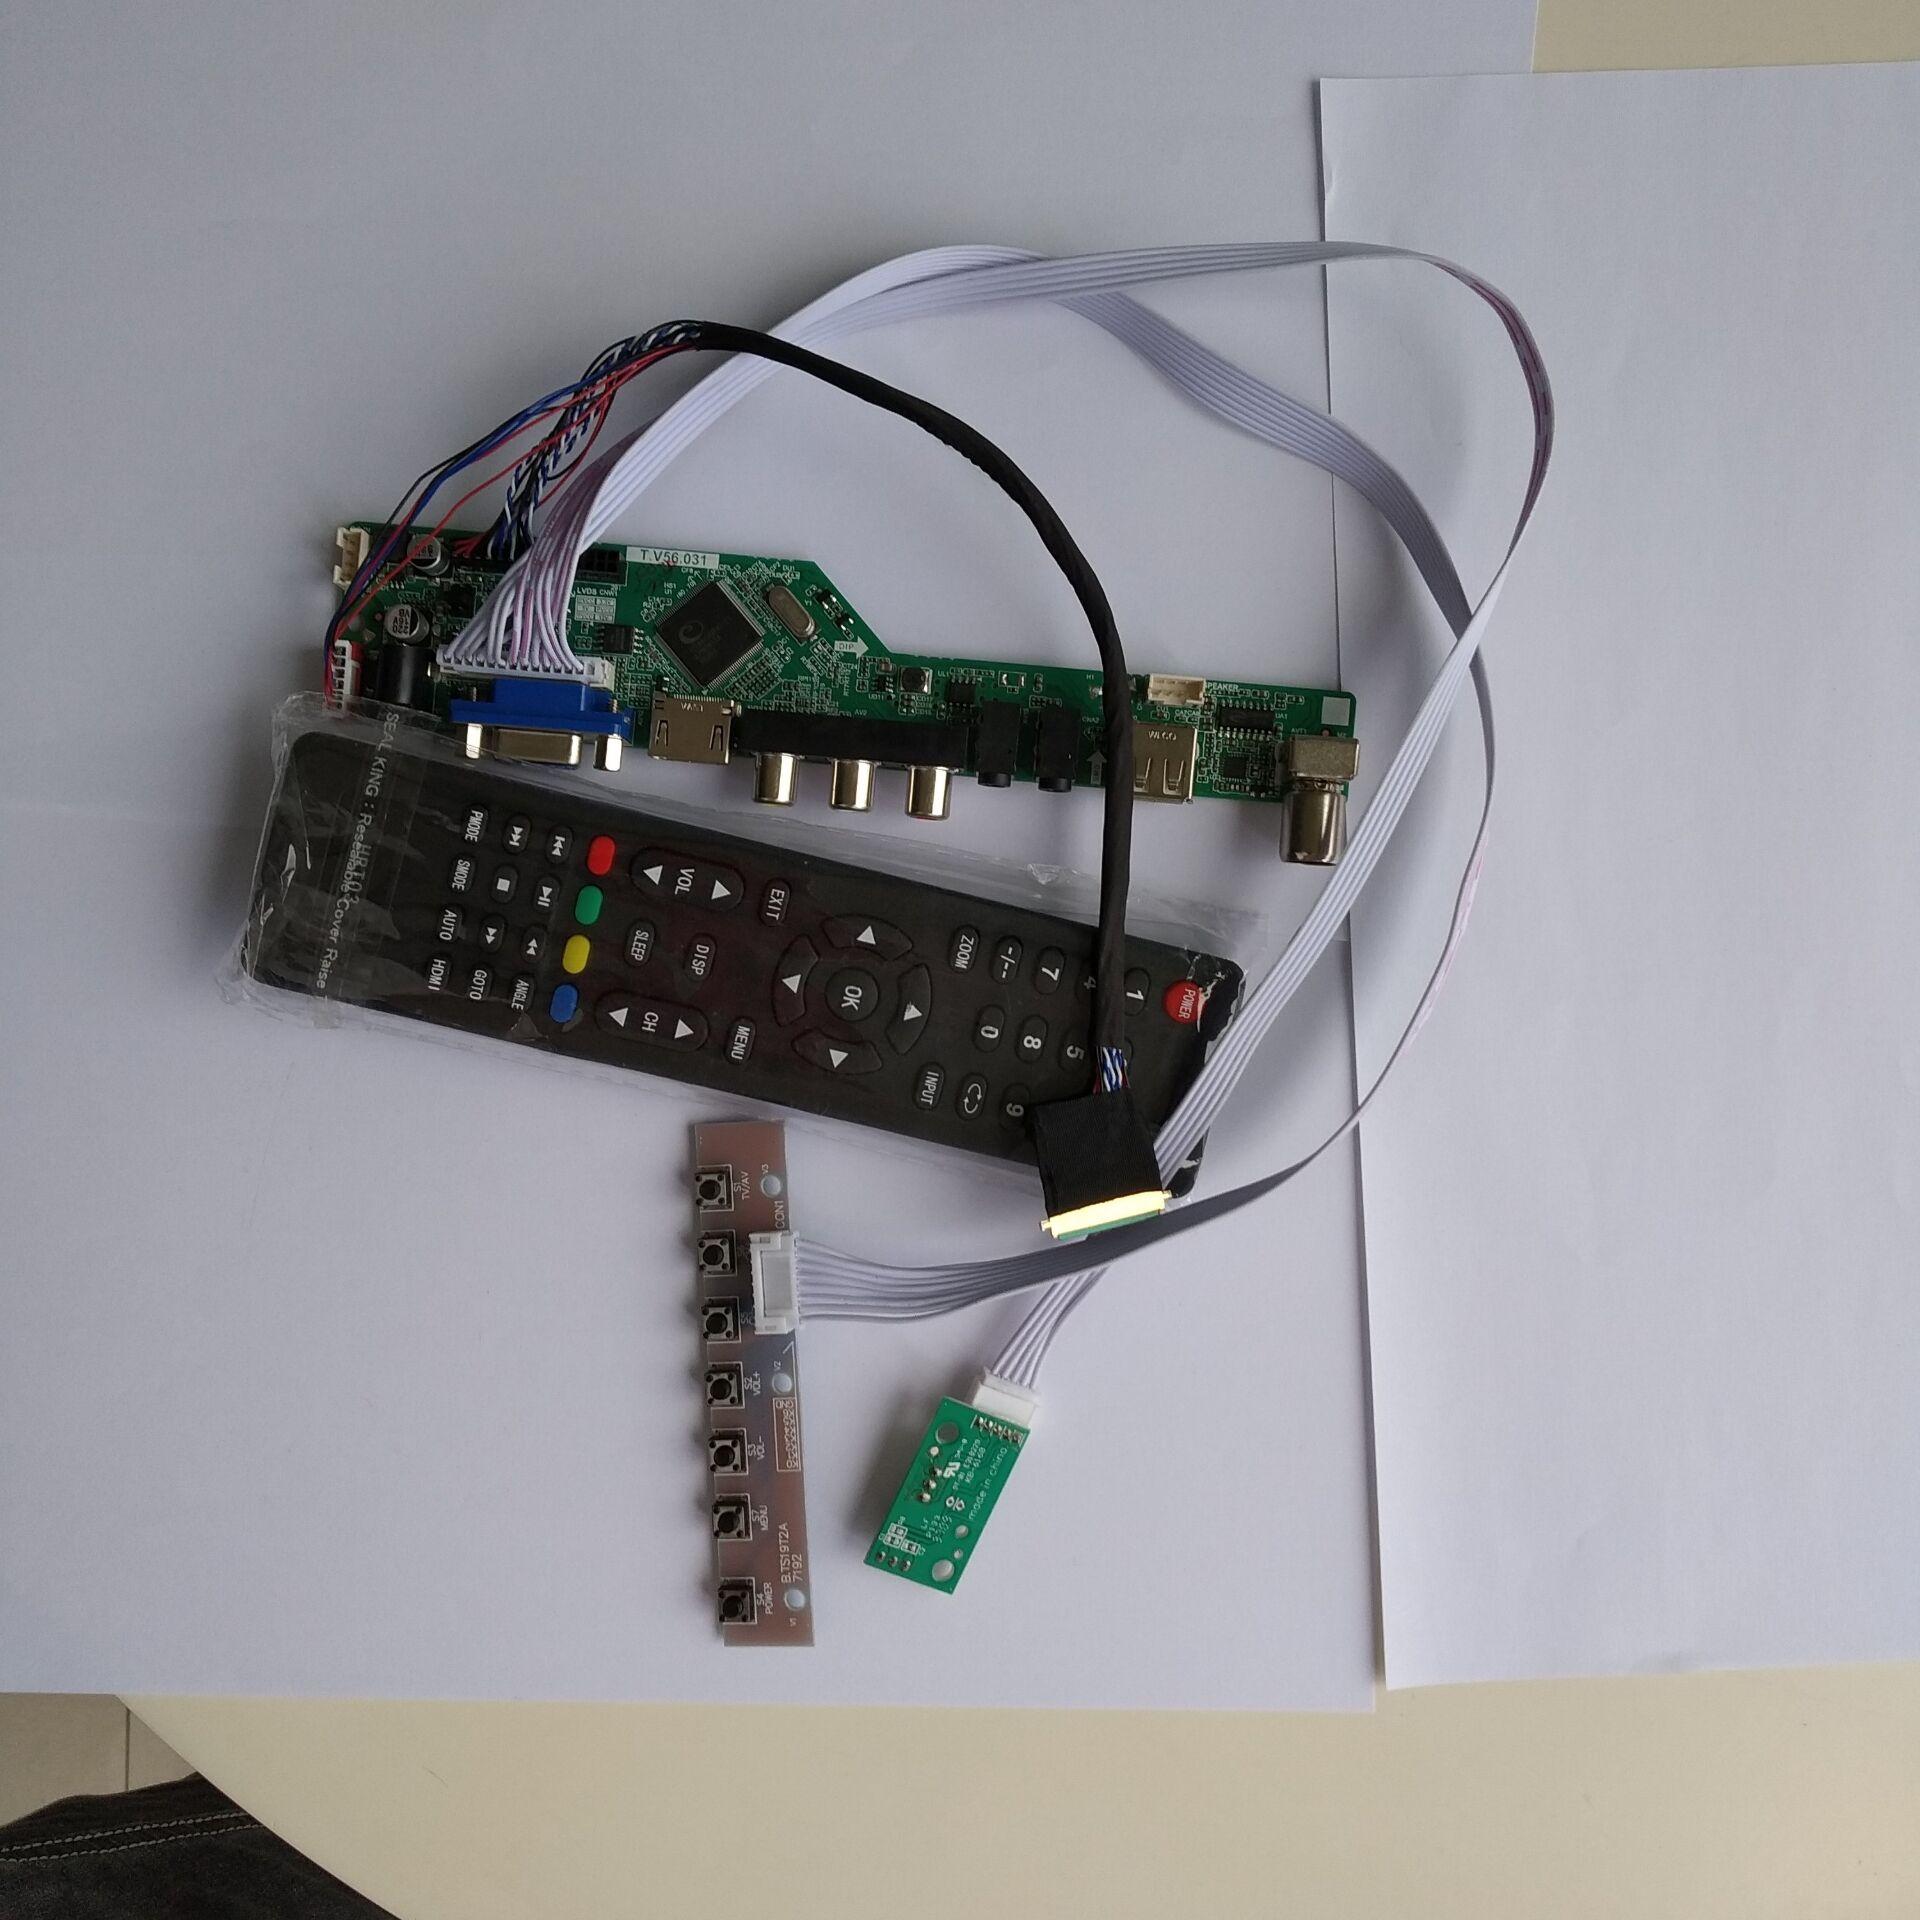 TV HDMI AV USB VGA AUDIO LCD LED Card Controller Board Kit For LTN173KT01 LTN173KT02 LTN173KT03 1600X900 17.3